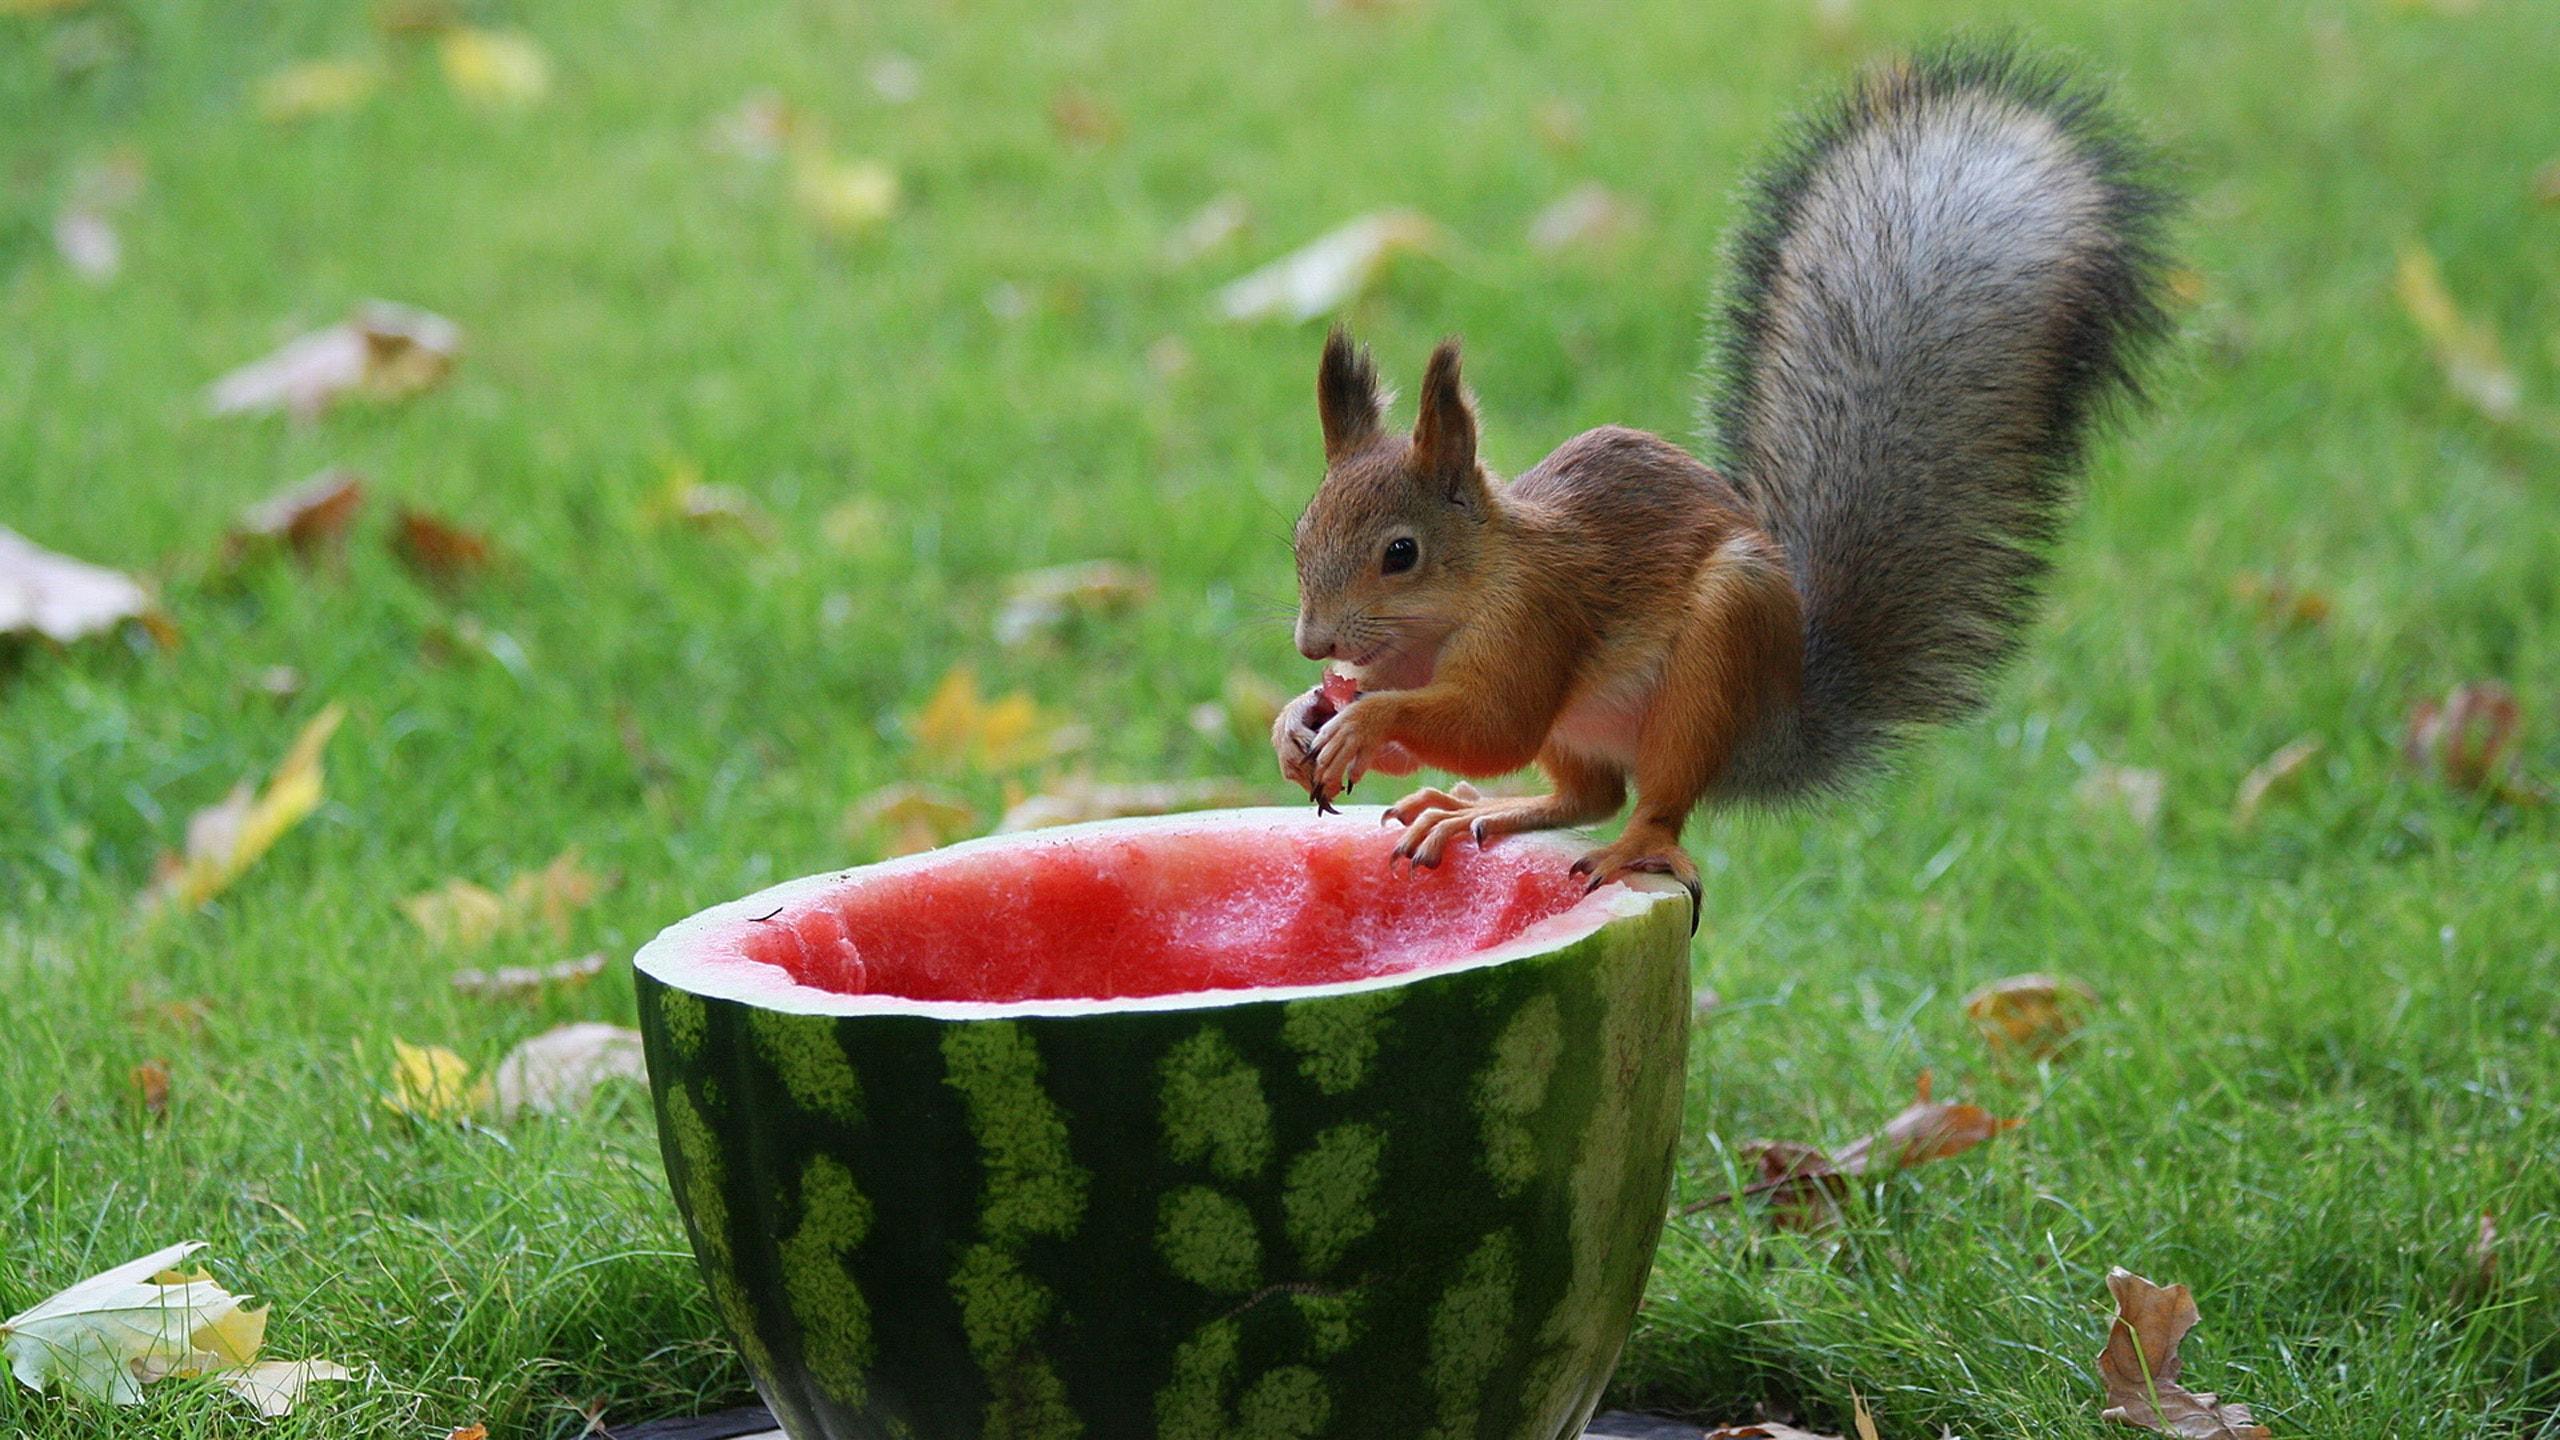 Watermelon HD pics